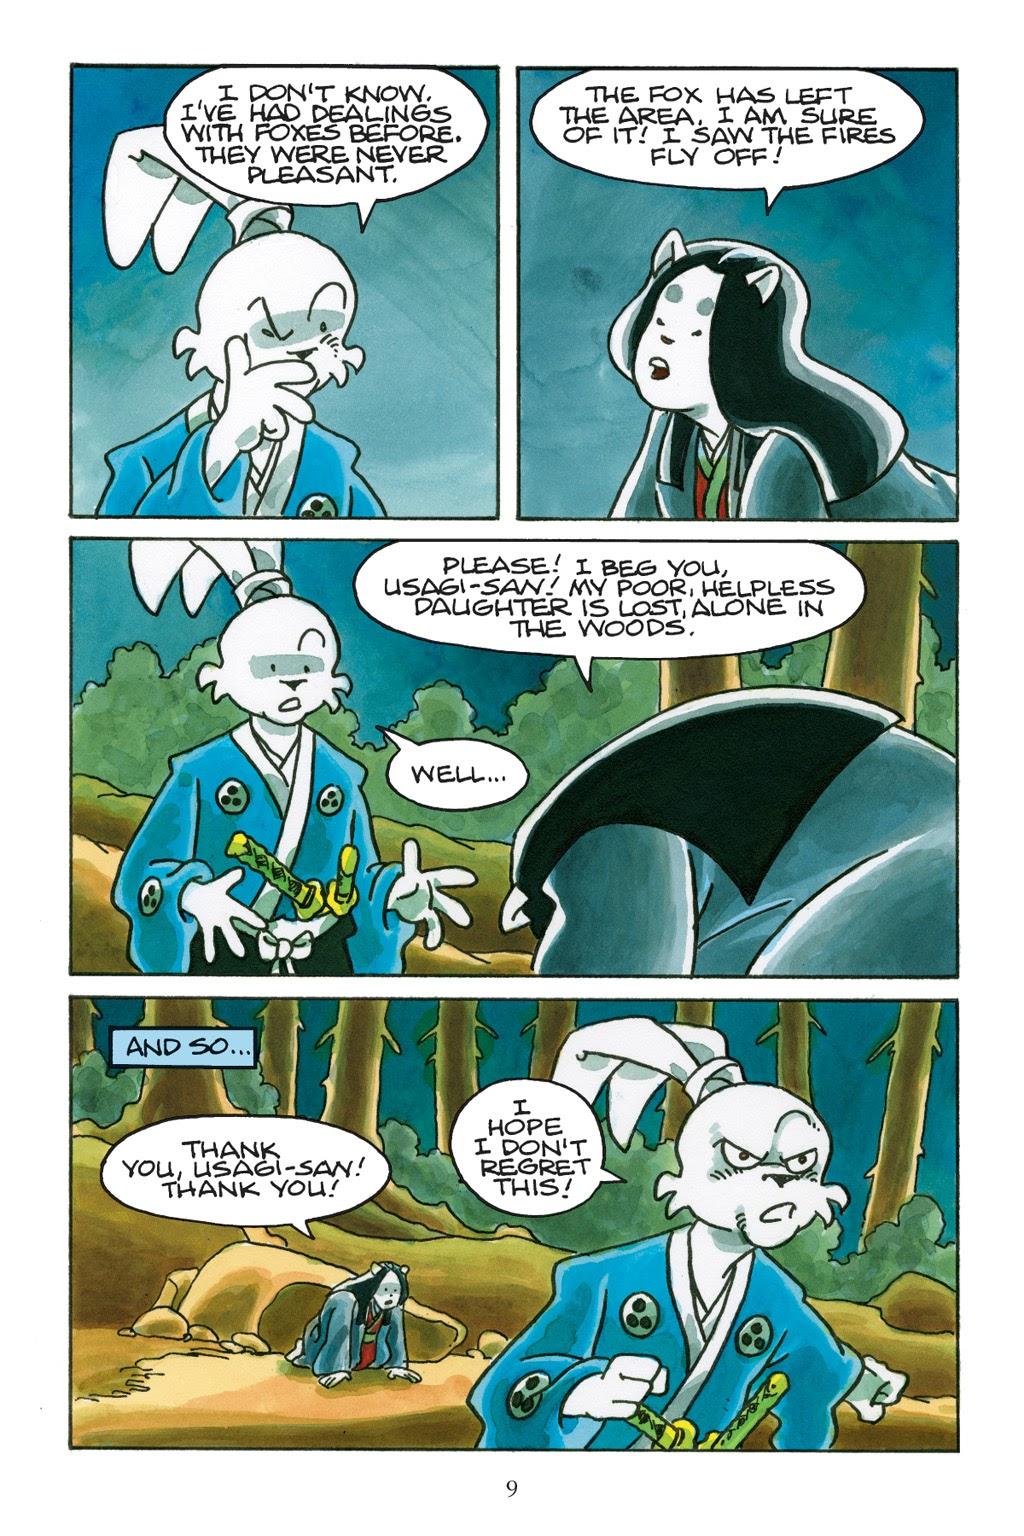 Read online Usagi Yojimbo: Yokai comic -  Issue # Full - 10